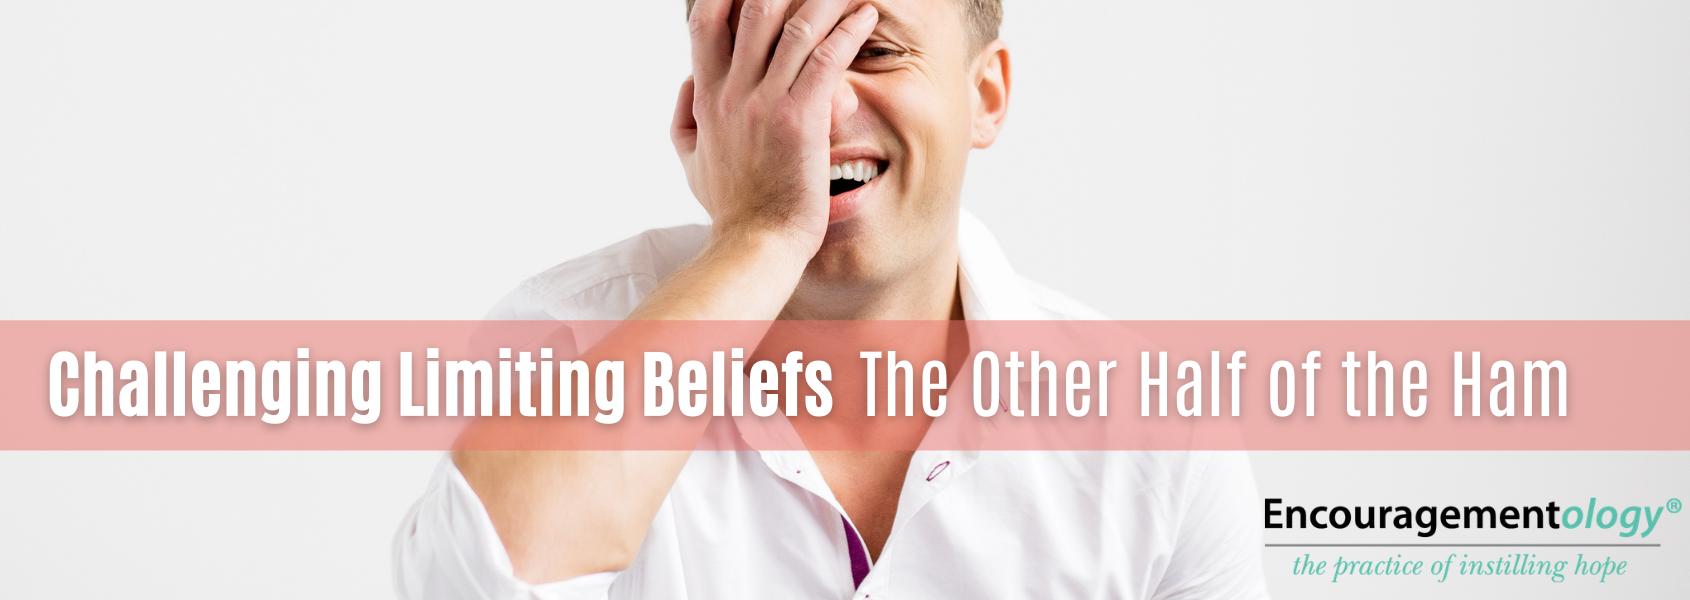 Challenging Limiting Beliefs